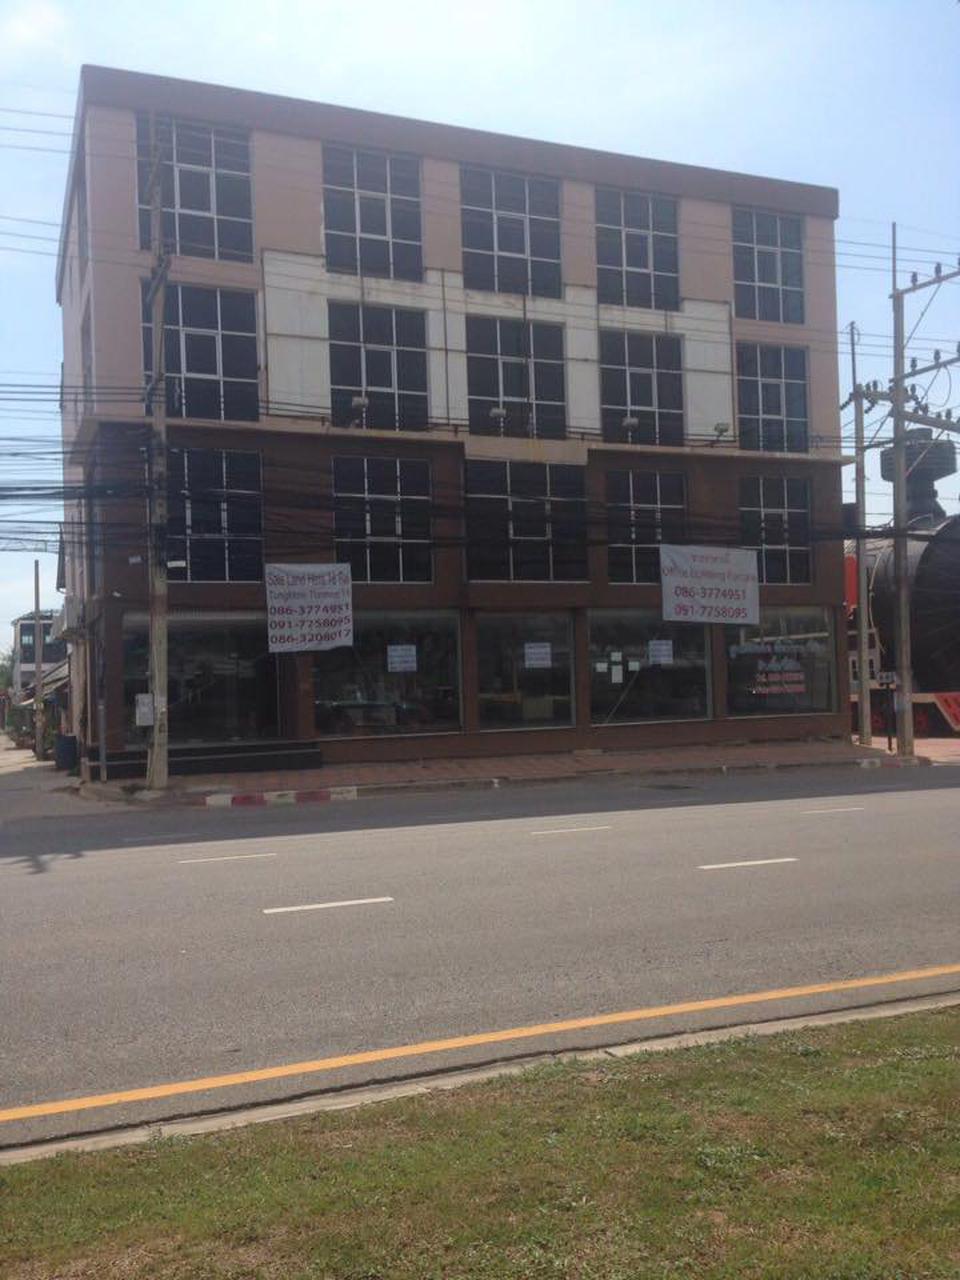 ขายอาคารติดถนนสุขุมวิท 56 พัทยาใต้ ระหว่างแมคโคร และ โลตัส รูปที่ 6